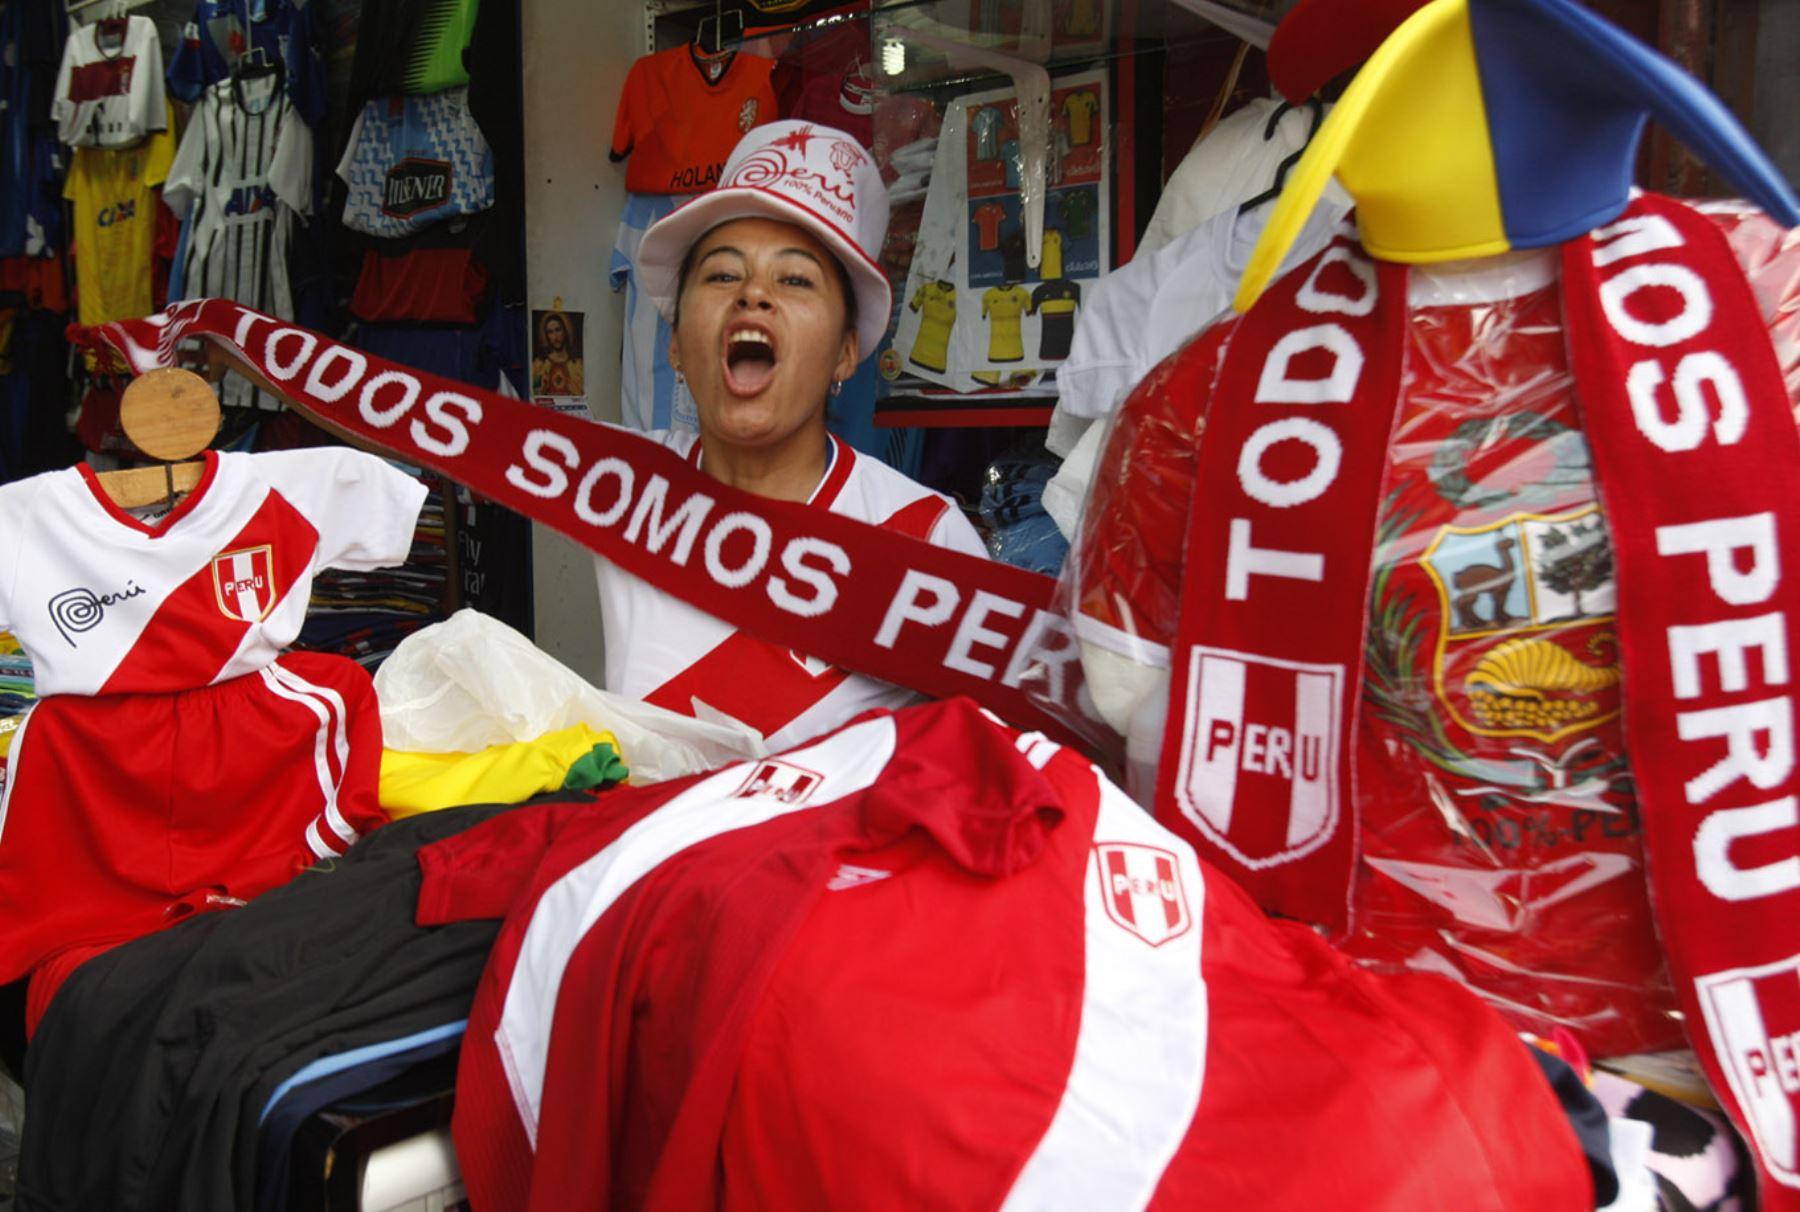 Camisetas de la selección peruana se elevan en Gamarra a pocos días del partido de Perú vs Colombia